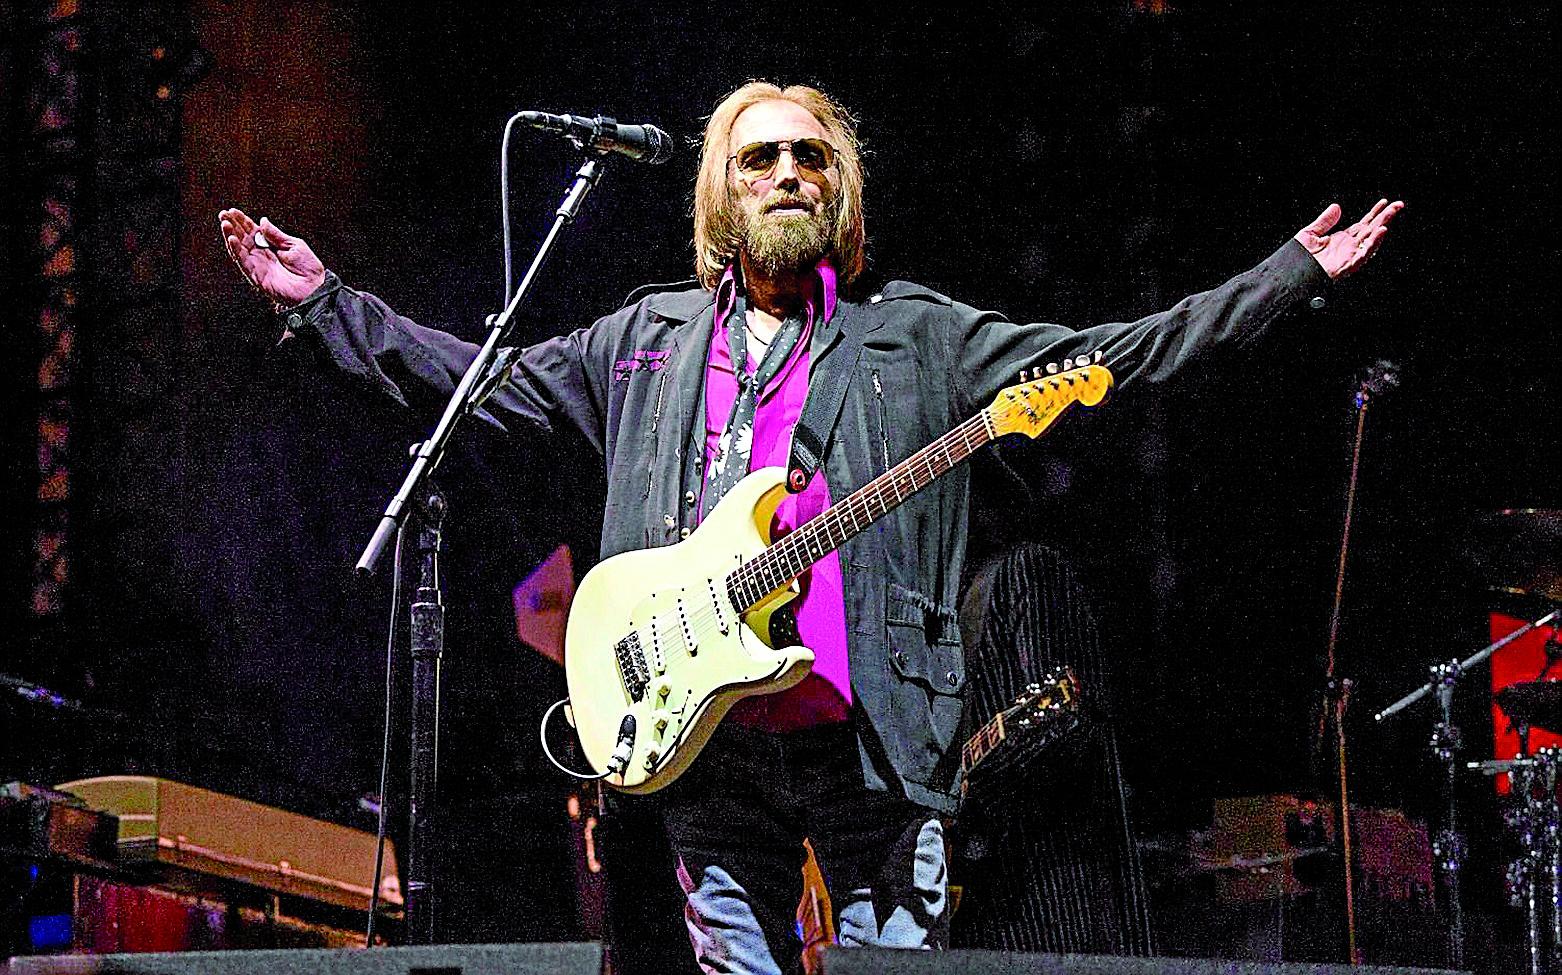 Las canciones de Tom Petty contenían esa promesa eterna de vida instantánea y llegaron a ilustrar ese momento donde todo lo importante sucede bajo el embrujo de unos acordes